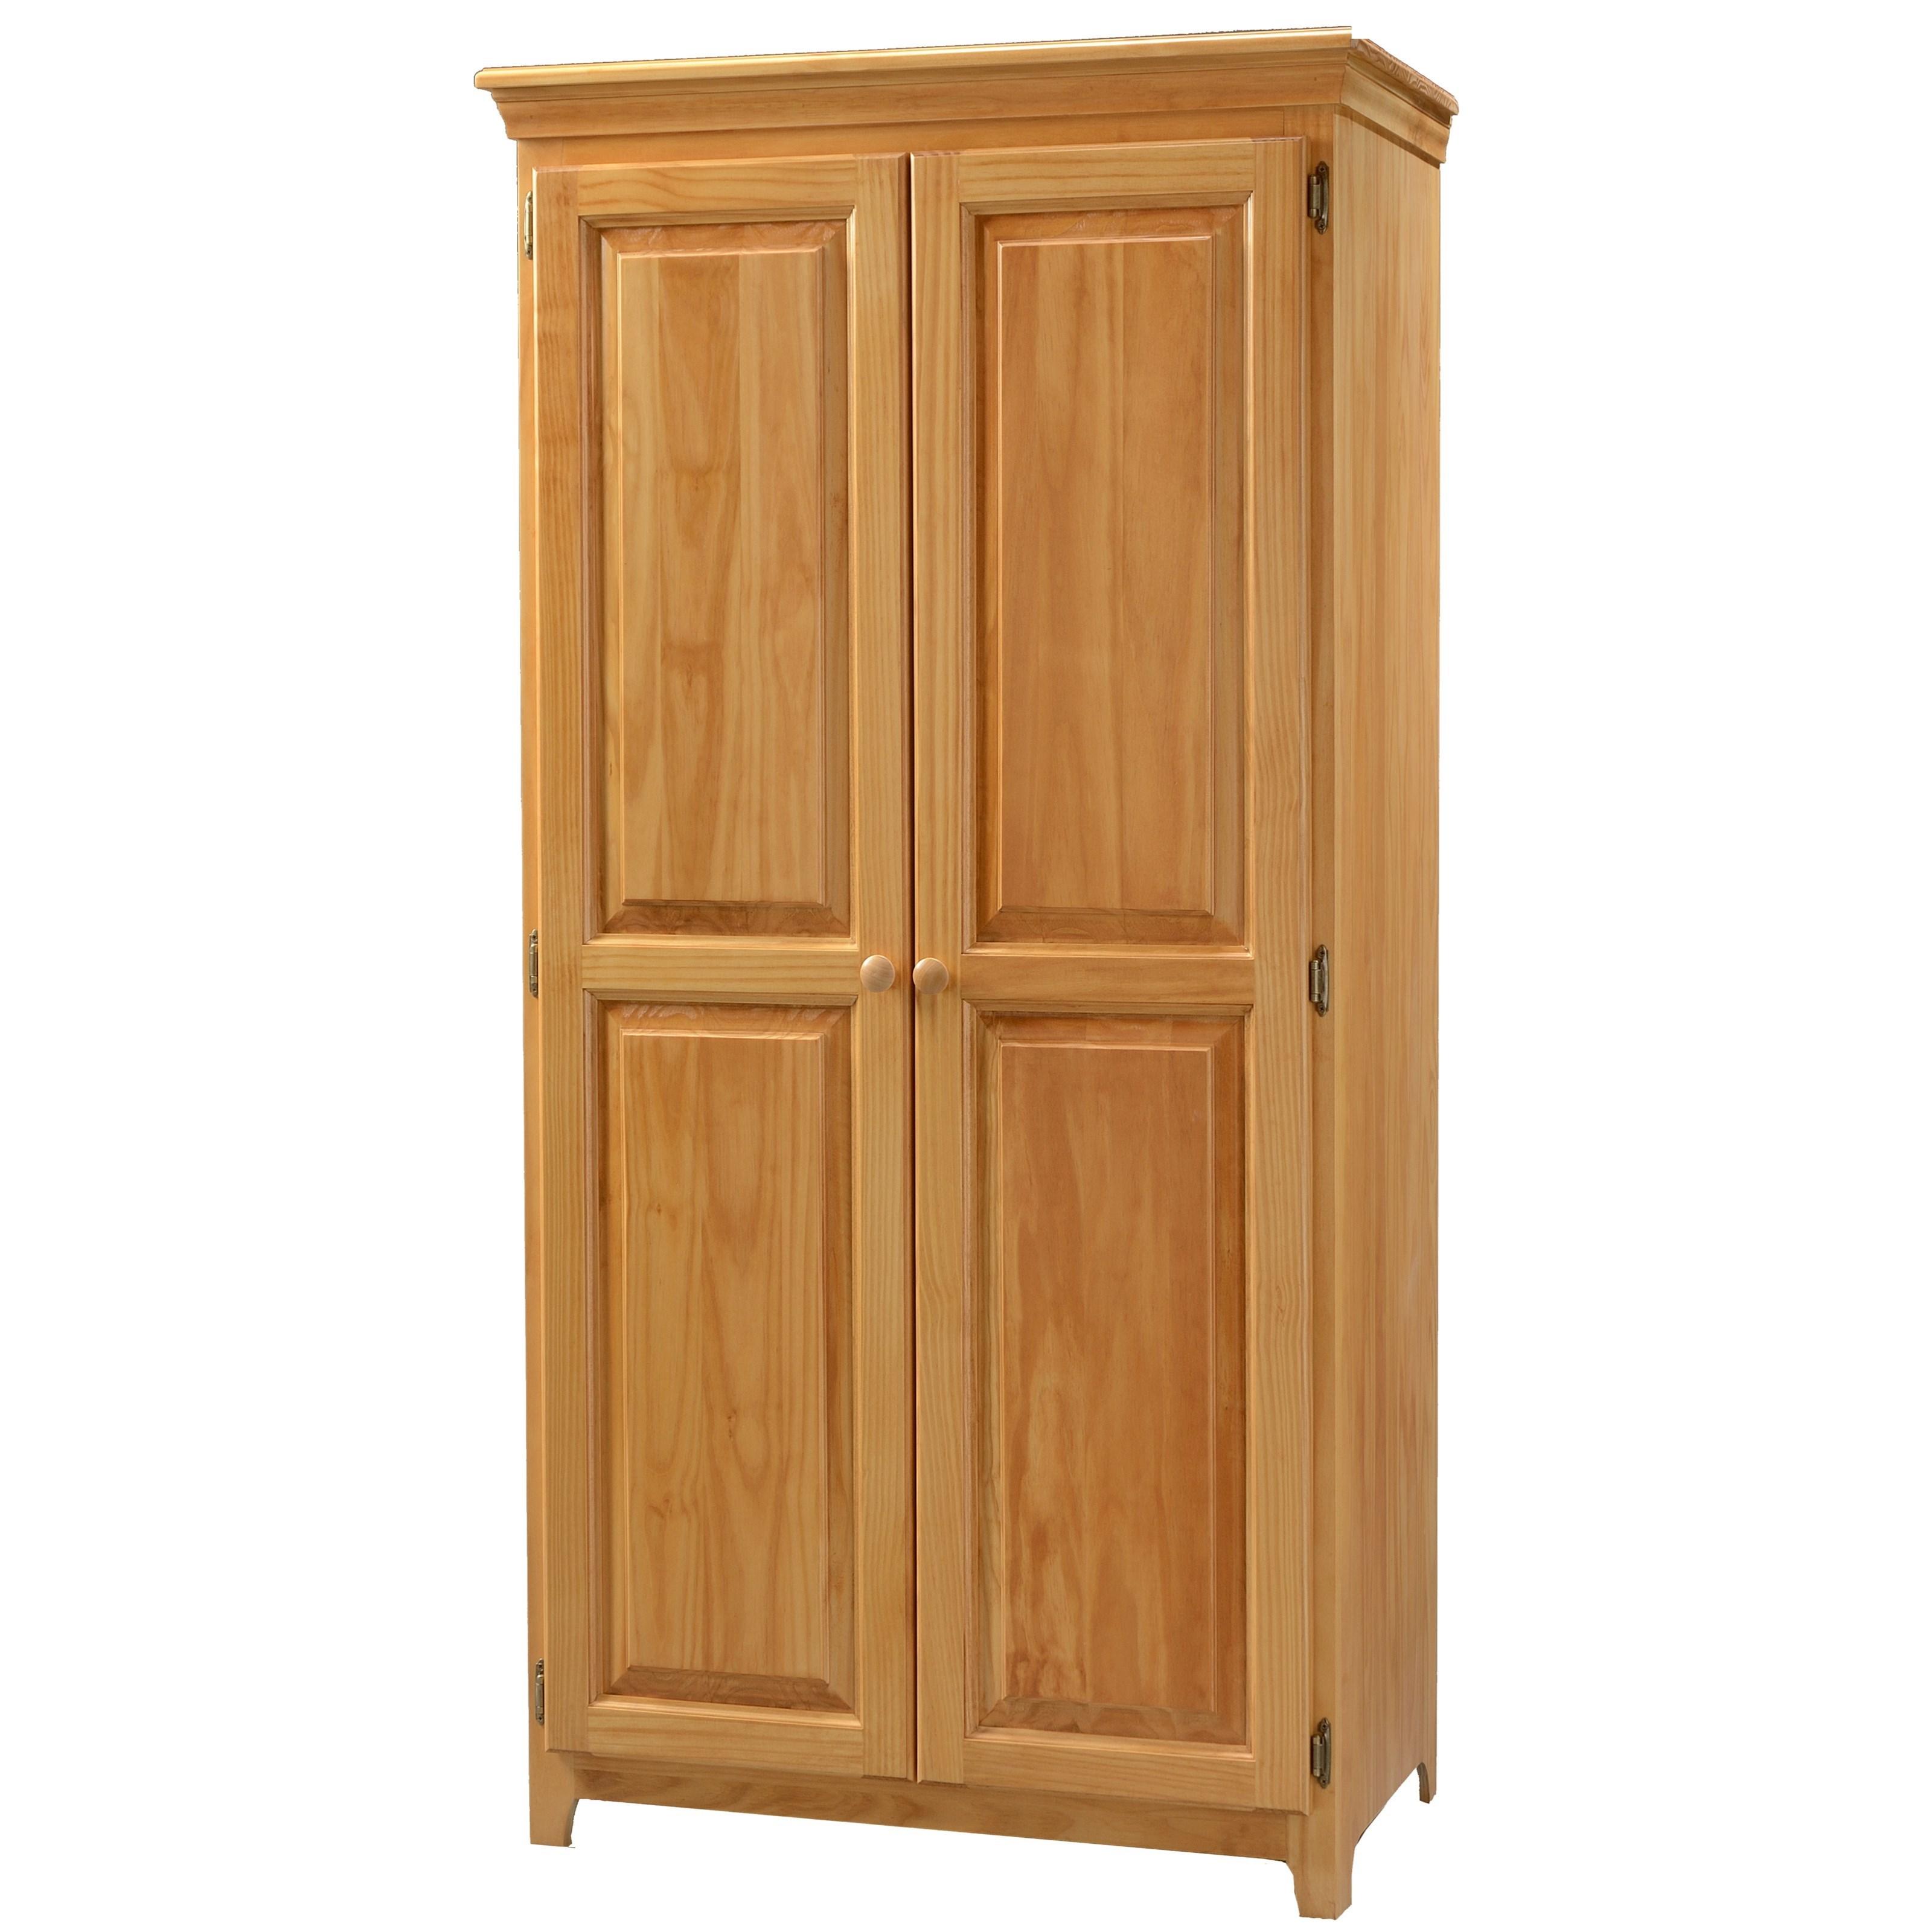 Homestar 2 Door Gl Storage Cabinet Reclaimed Wood